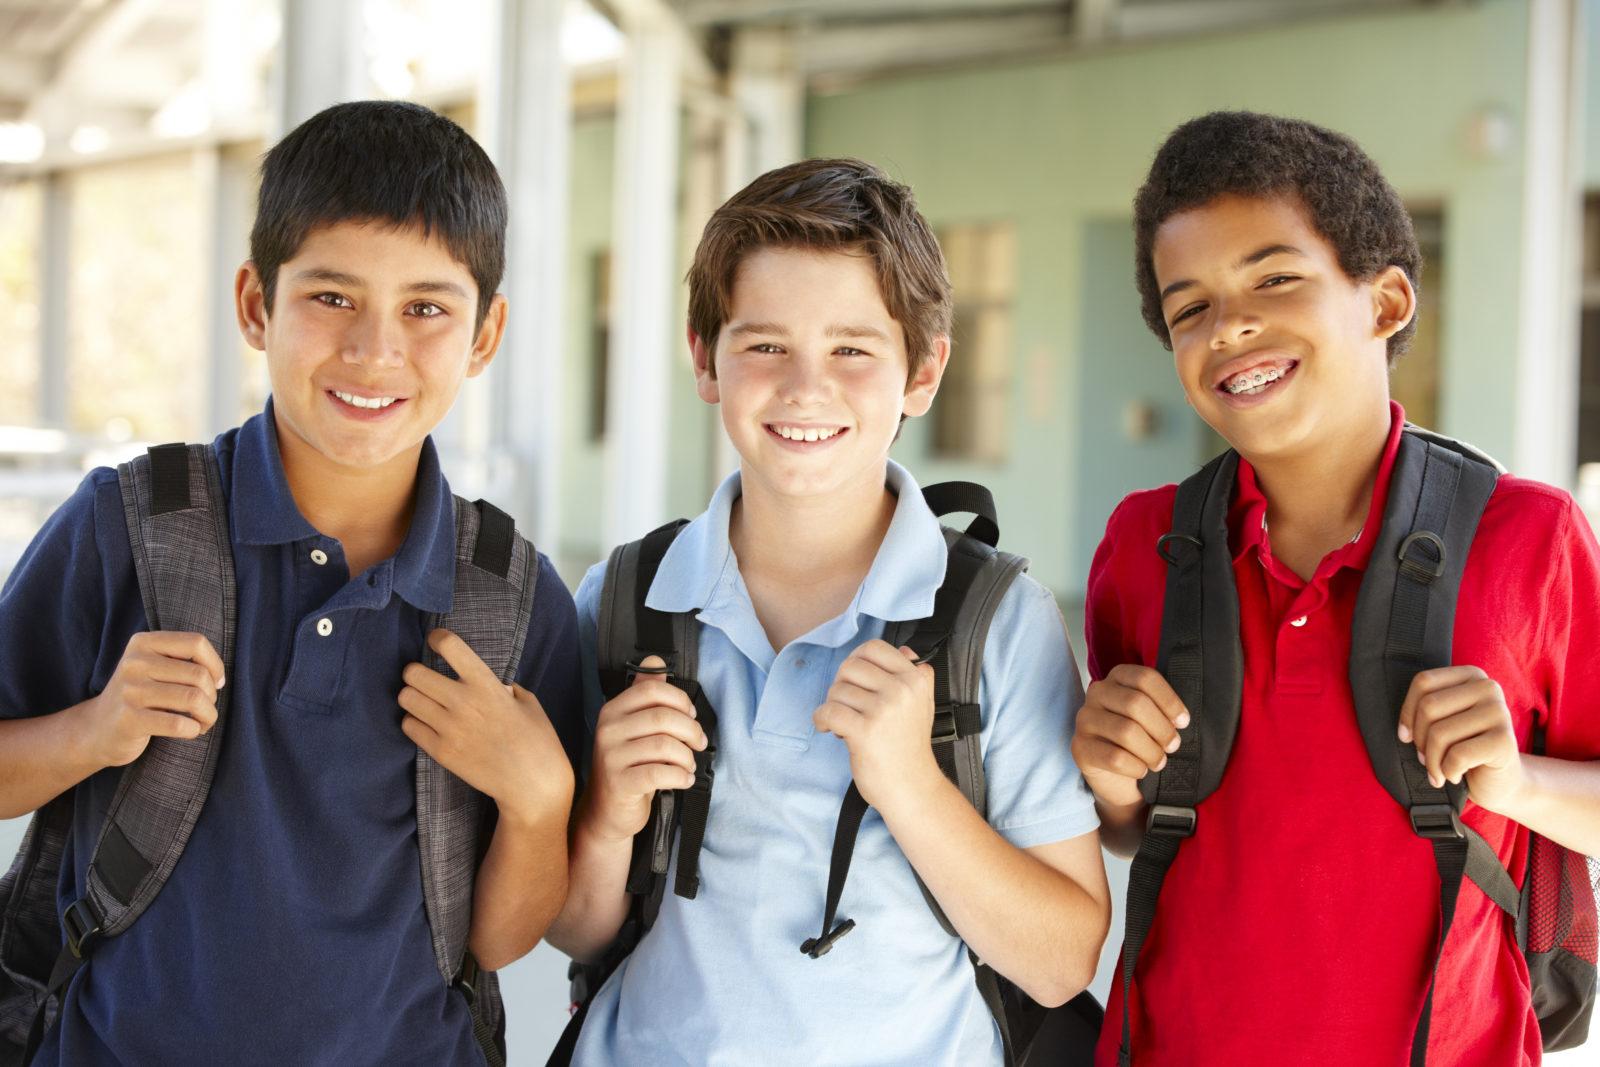 Pre teen boys at school